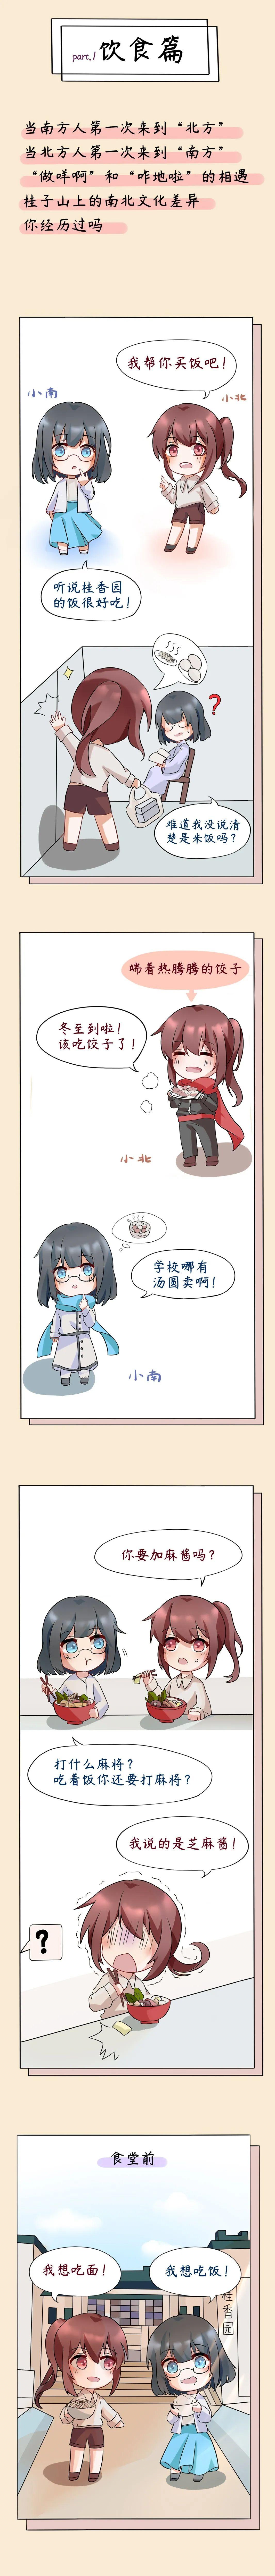 华师山民们的南北生活差异~图片